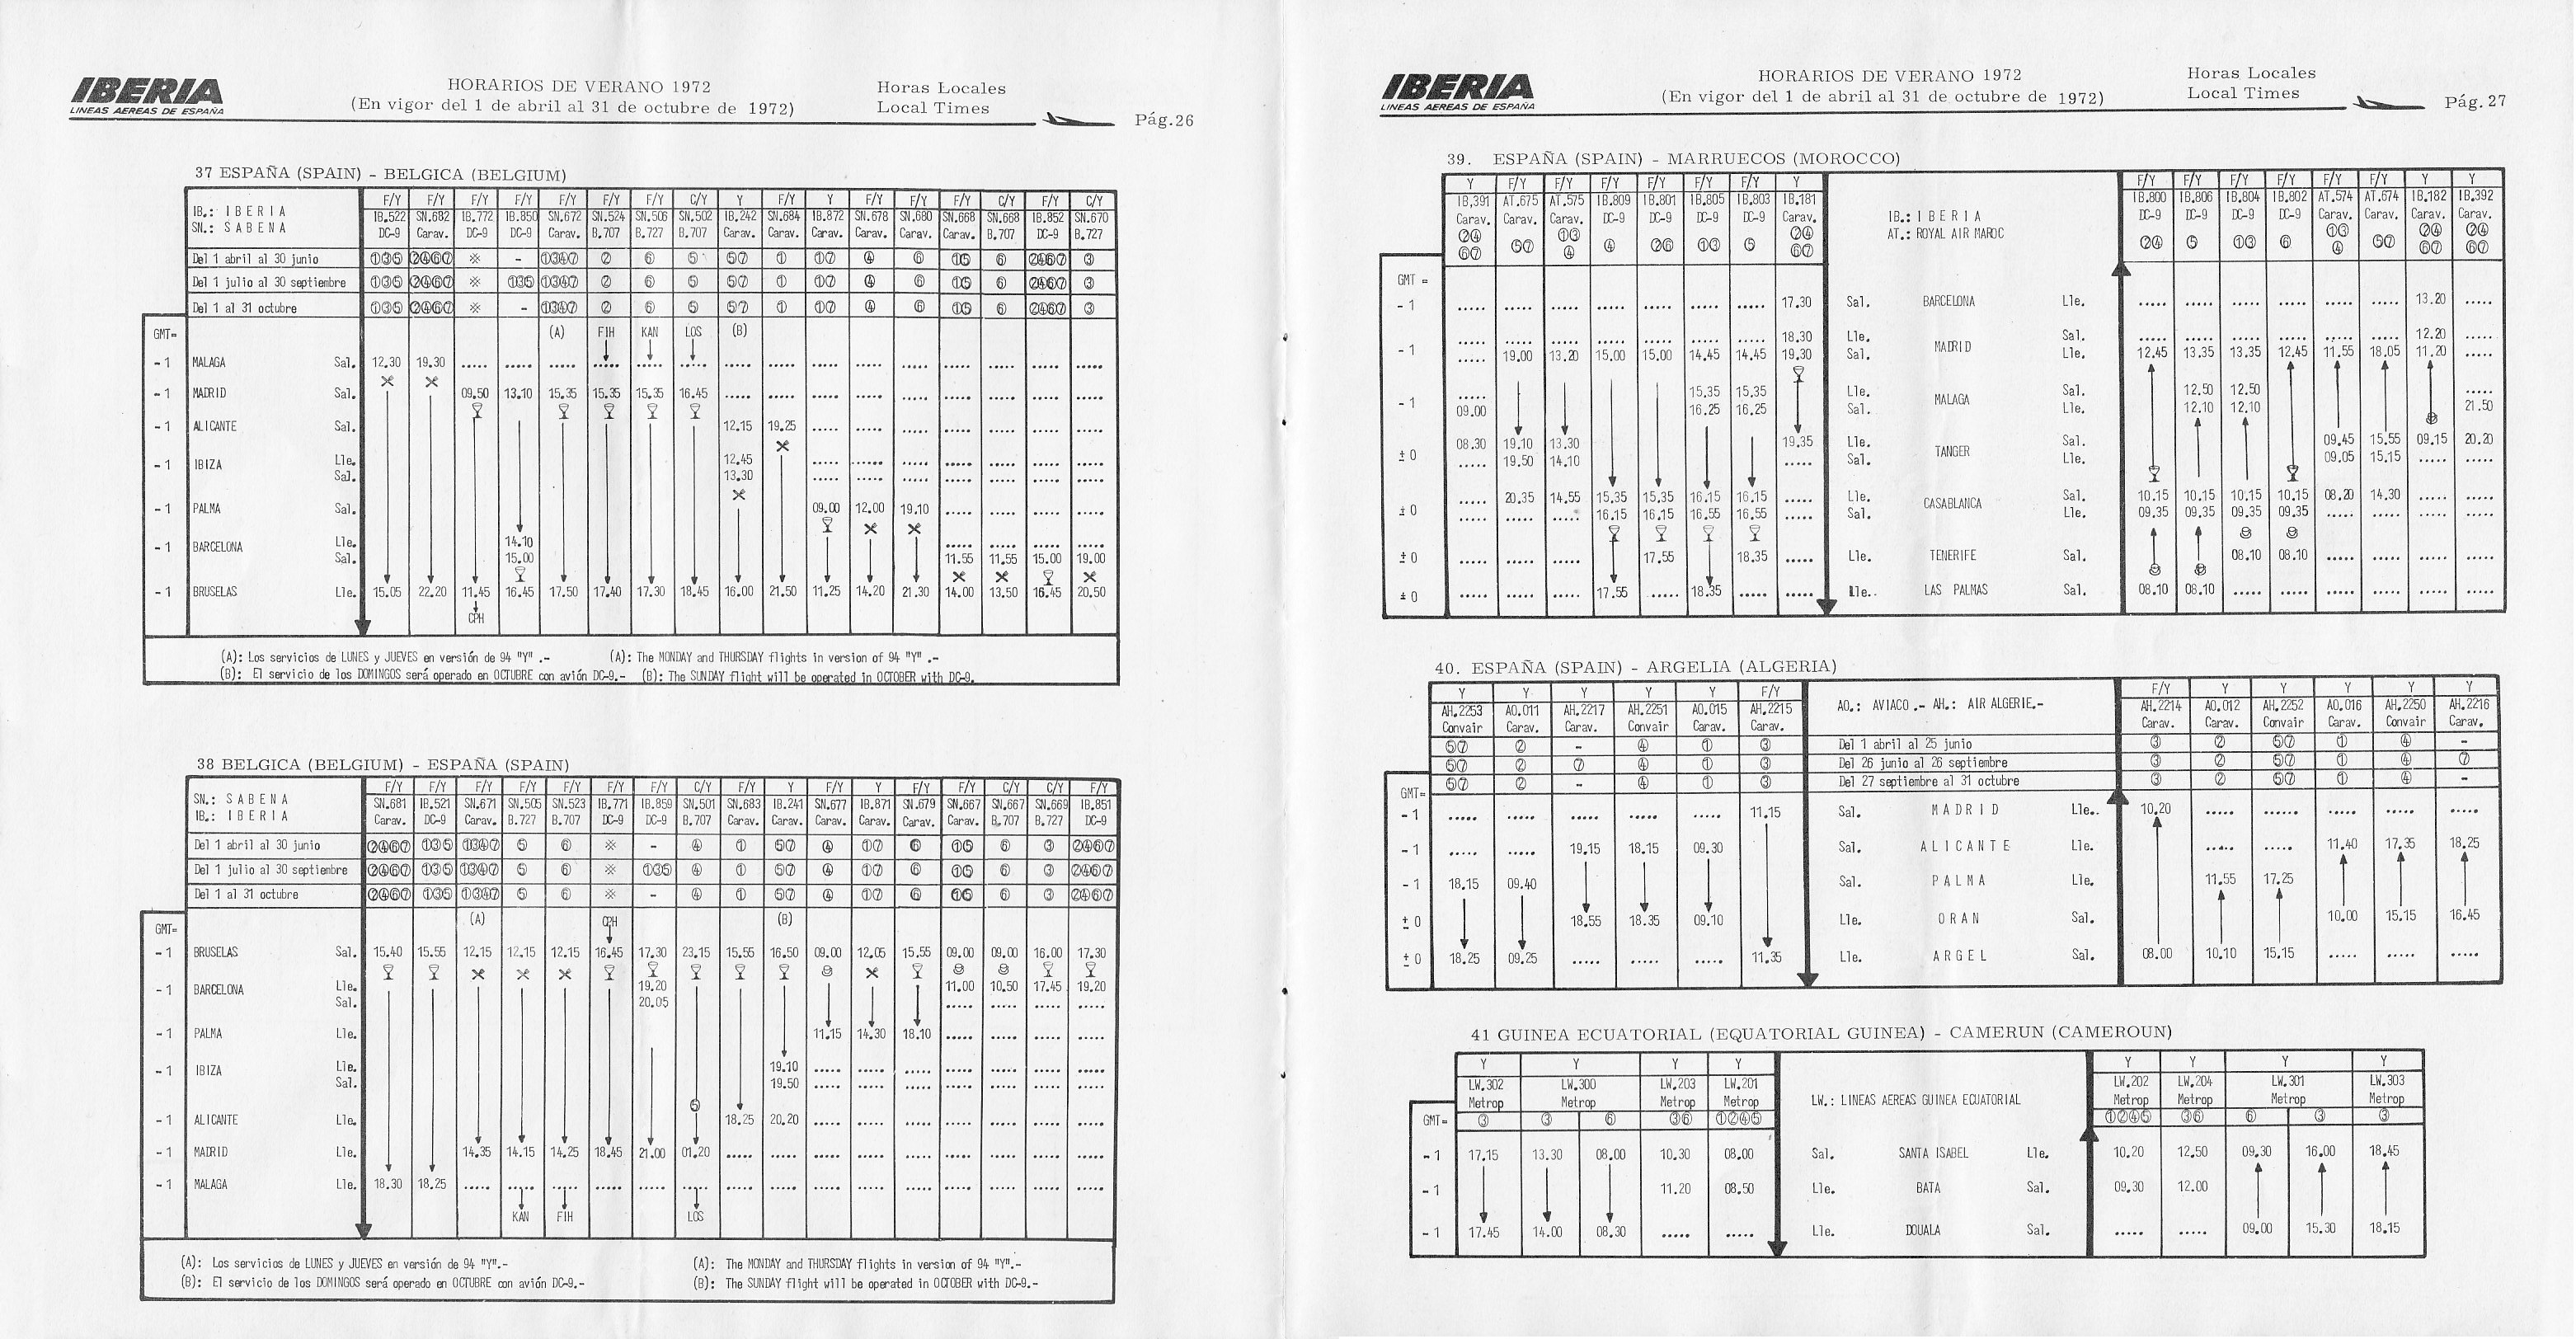 Tabla de horarios de Iberia para el verano de 1972. Horarios y vuelos a Bélgica, Marruecos, Argelia, Guinea Ecuatorial y Camerún.